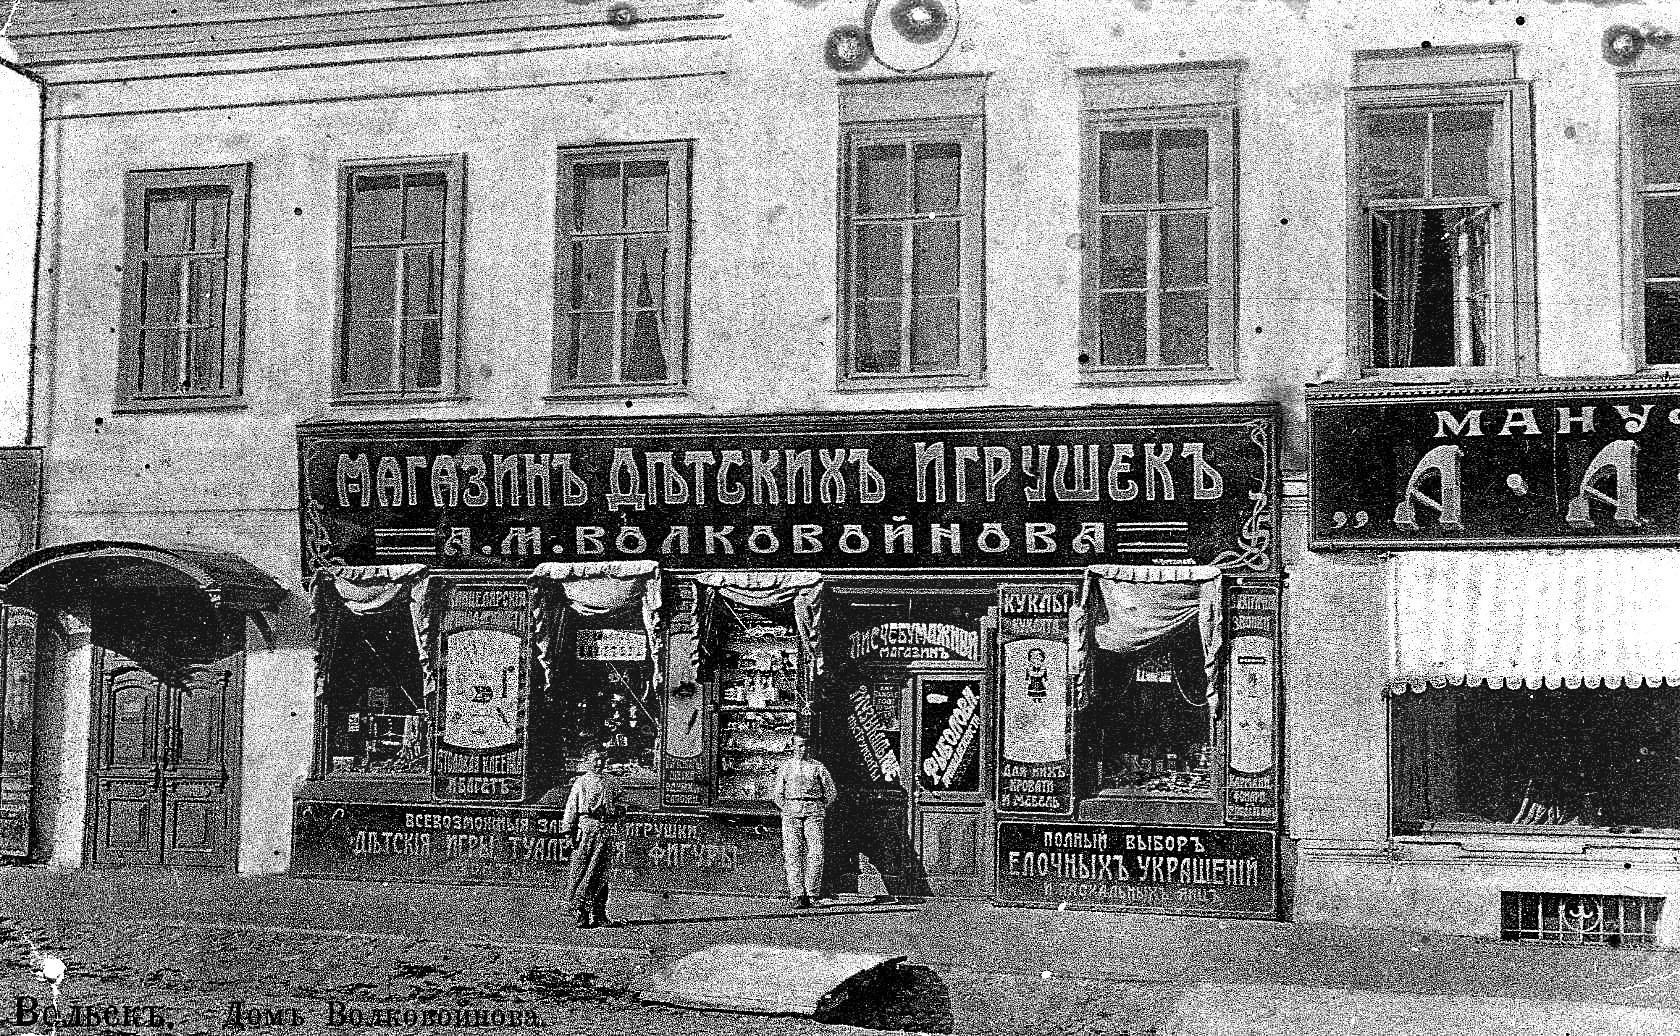 Магазин игрушек Волковойнова